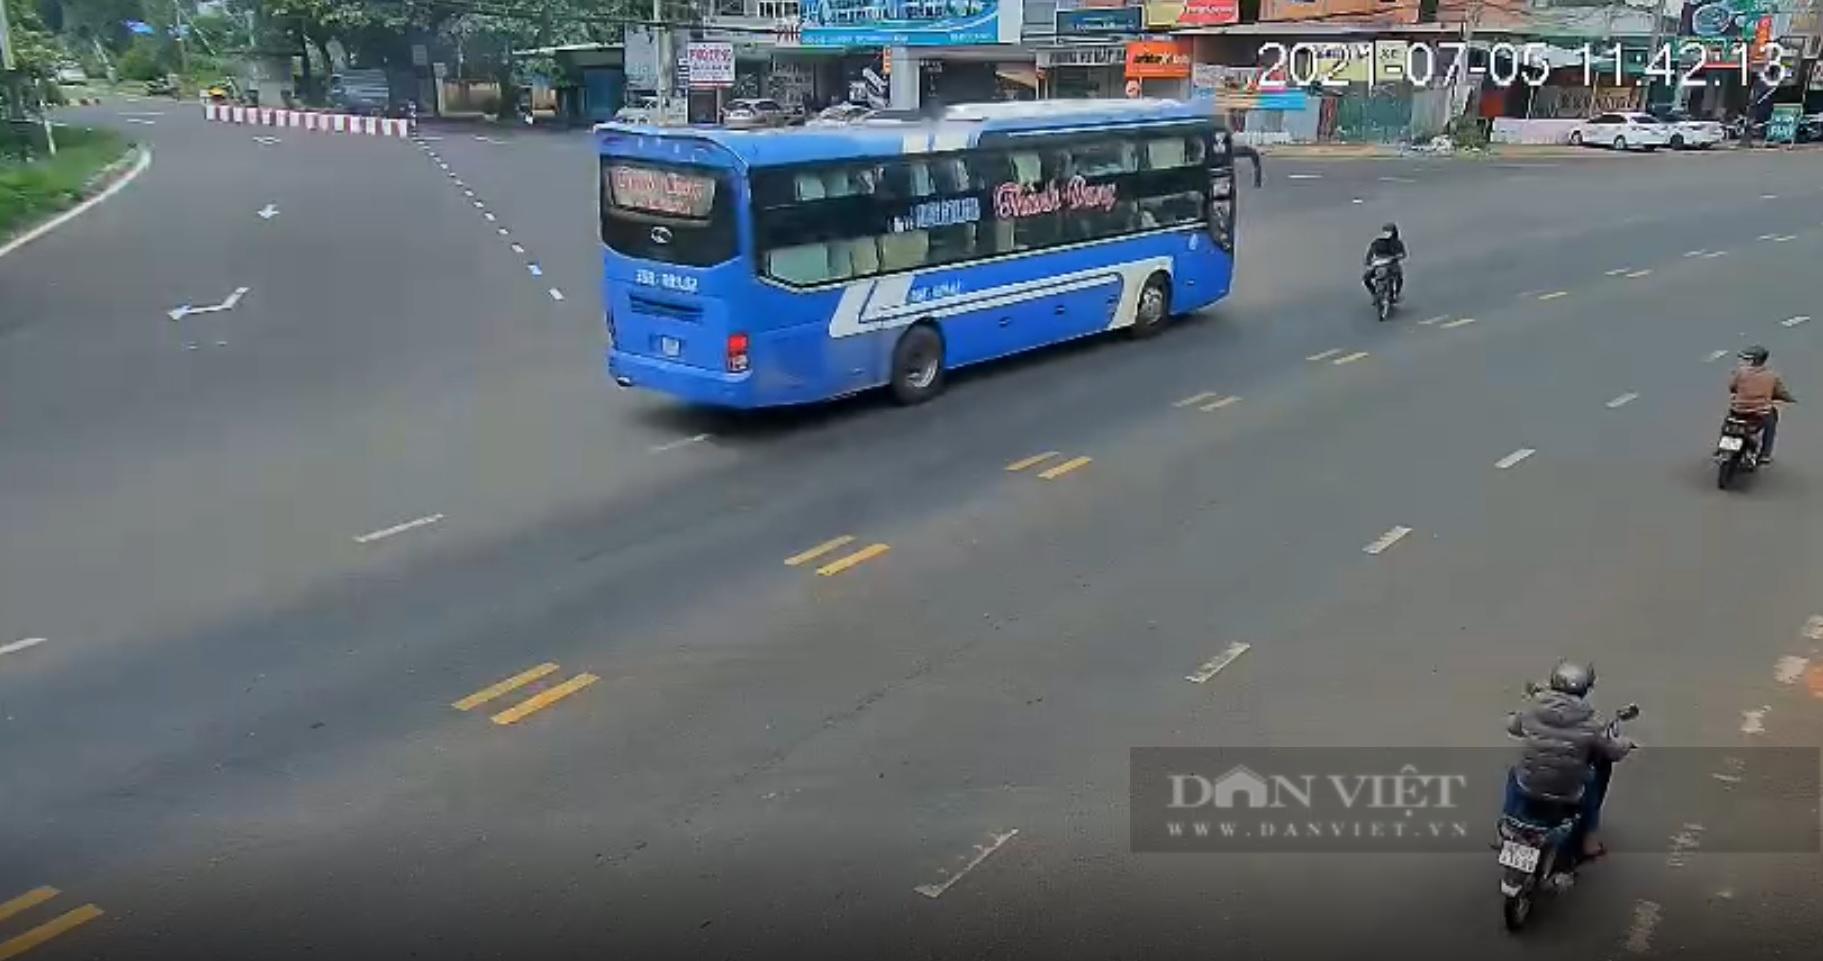 Video: Hốt hoảng với pha vượt ẩu của tài xế xe khách trên Quốc lộ 20 - Ảnh 3.